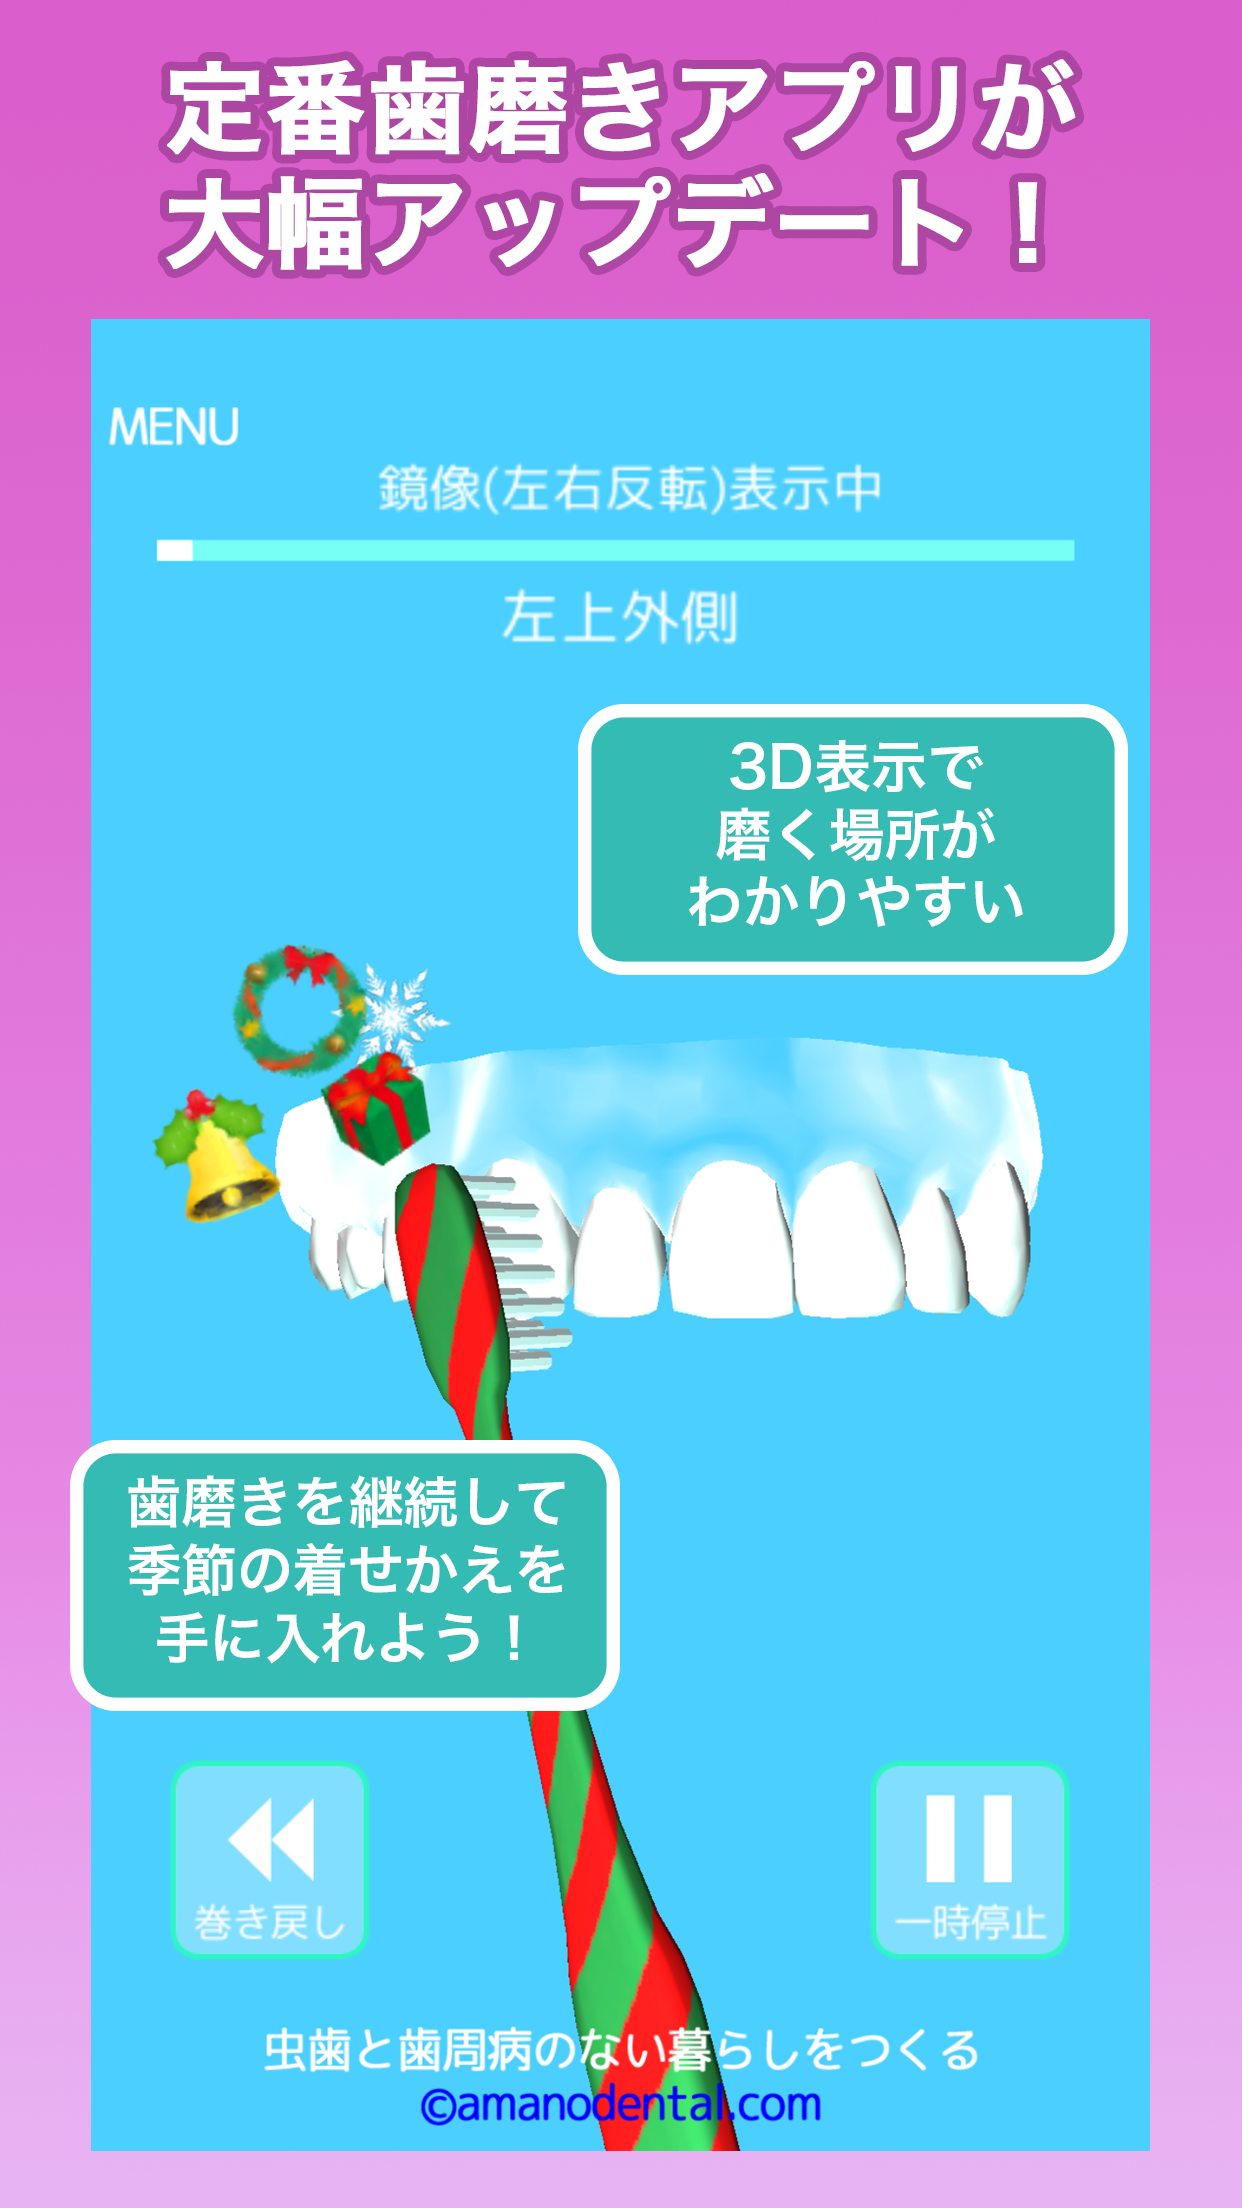 歯磨きアプリ/歯磨き貯金